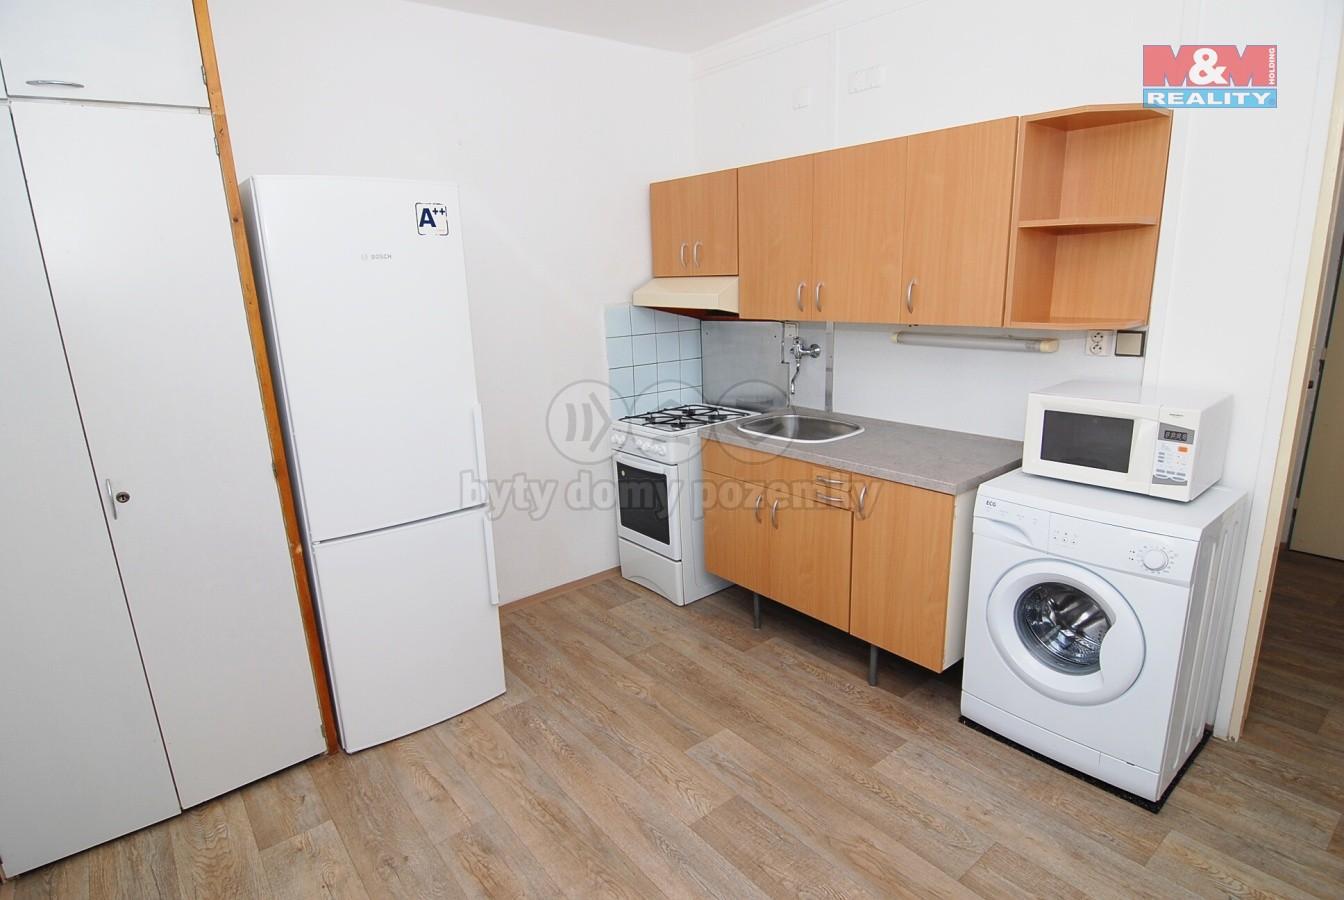 Pronájem, byt 1+1, 36 m2, Ostrava, ul. Ahepjukova